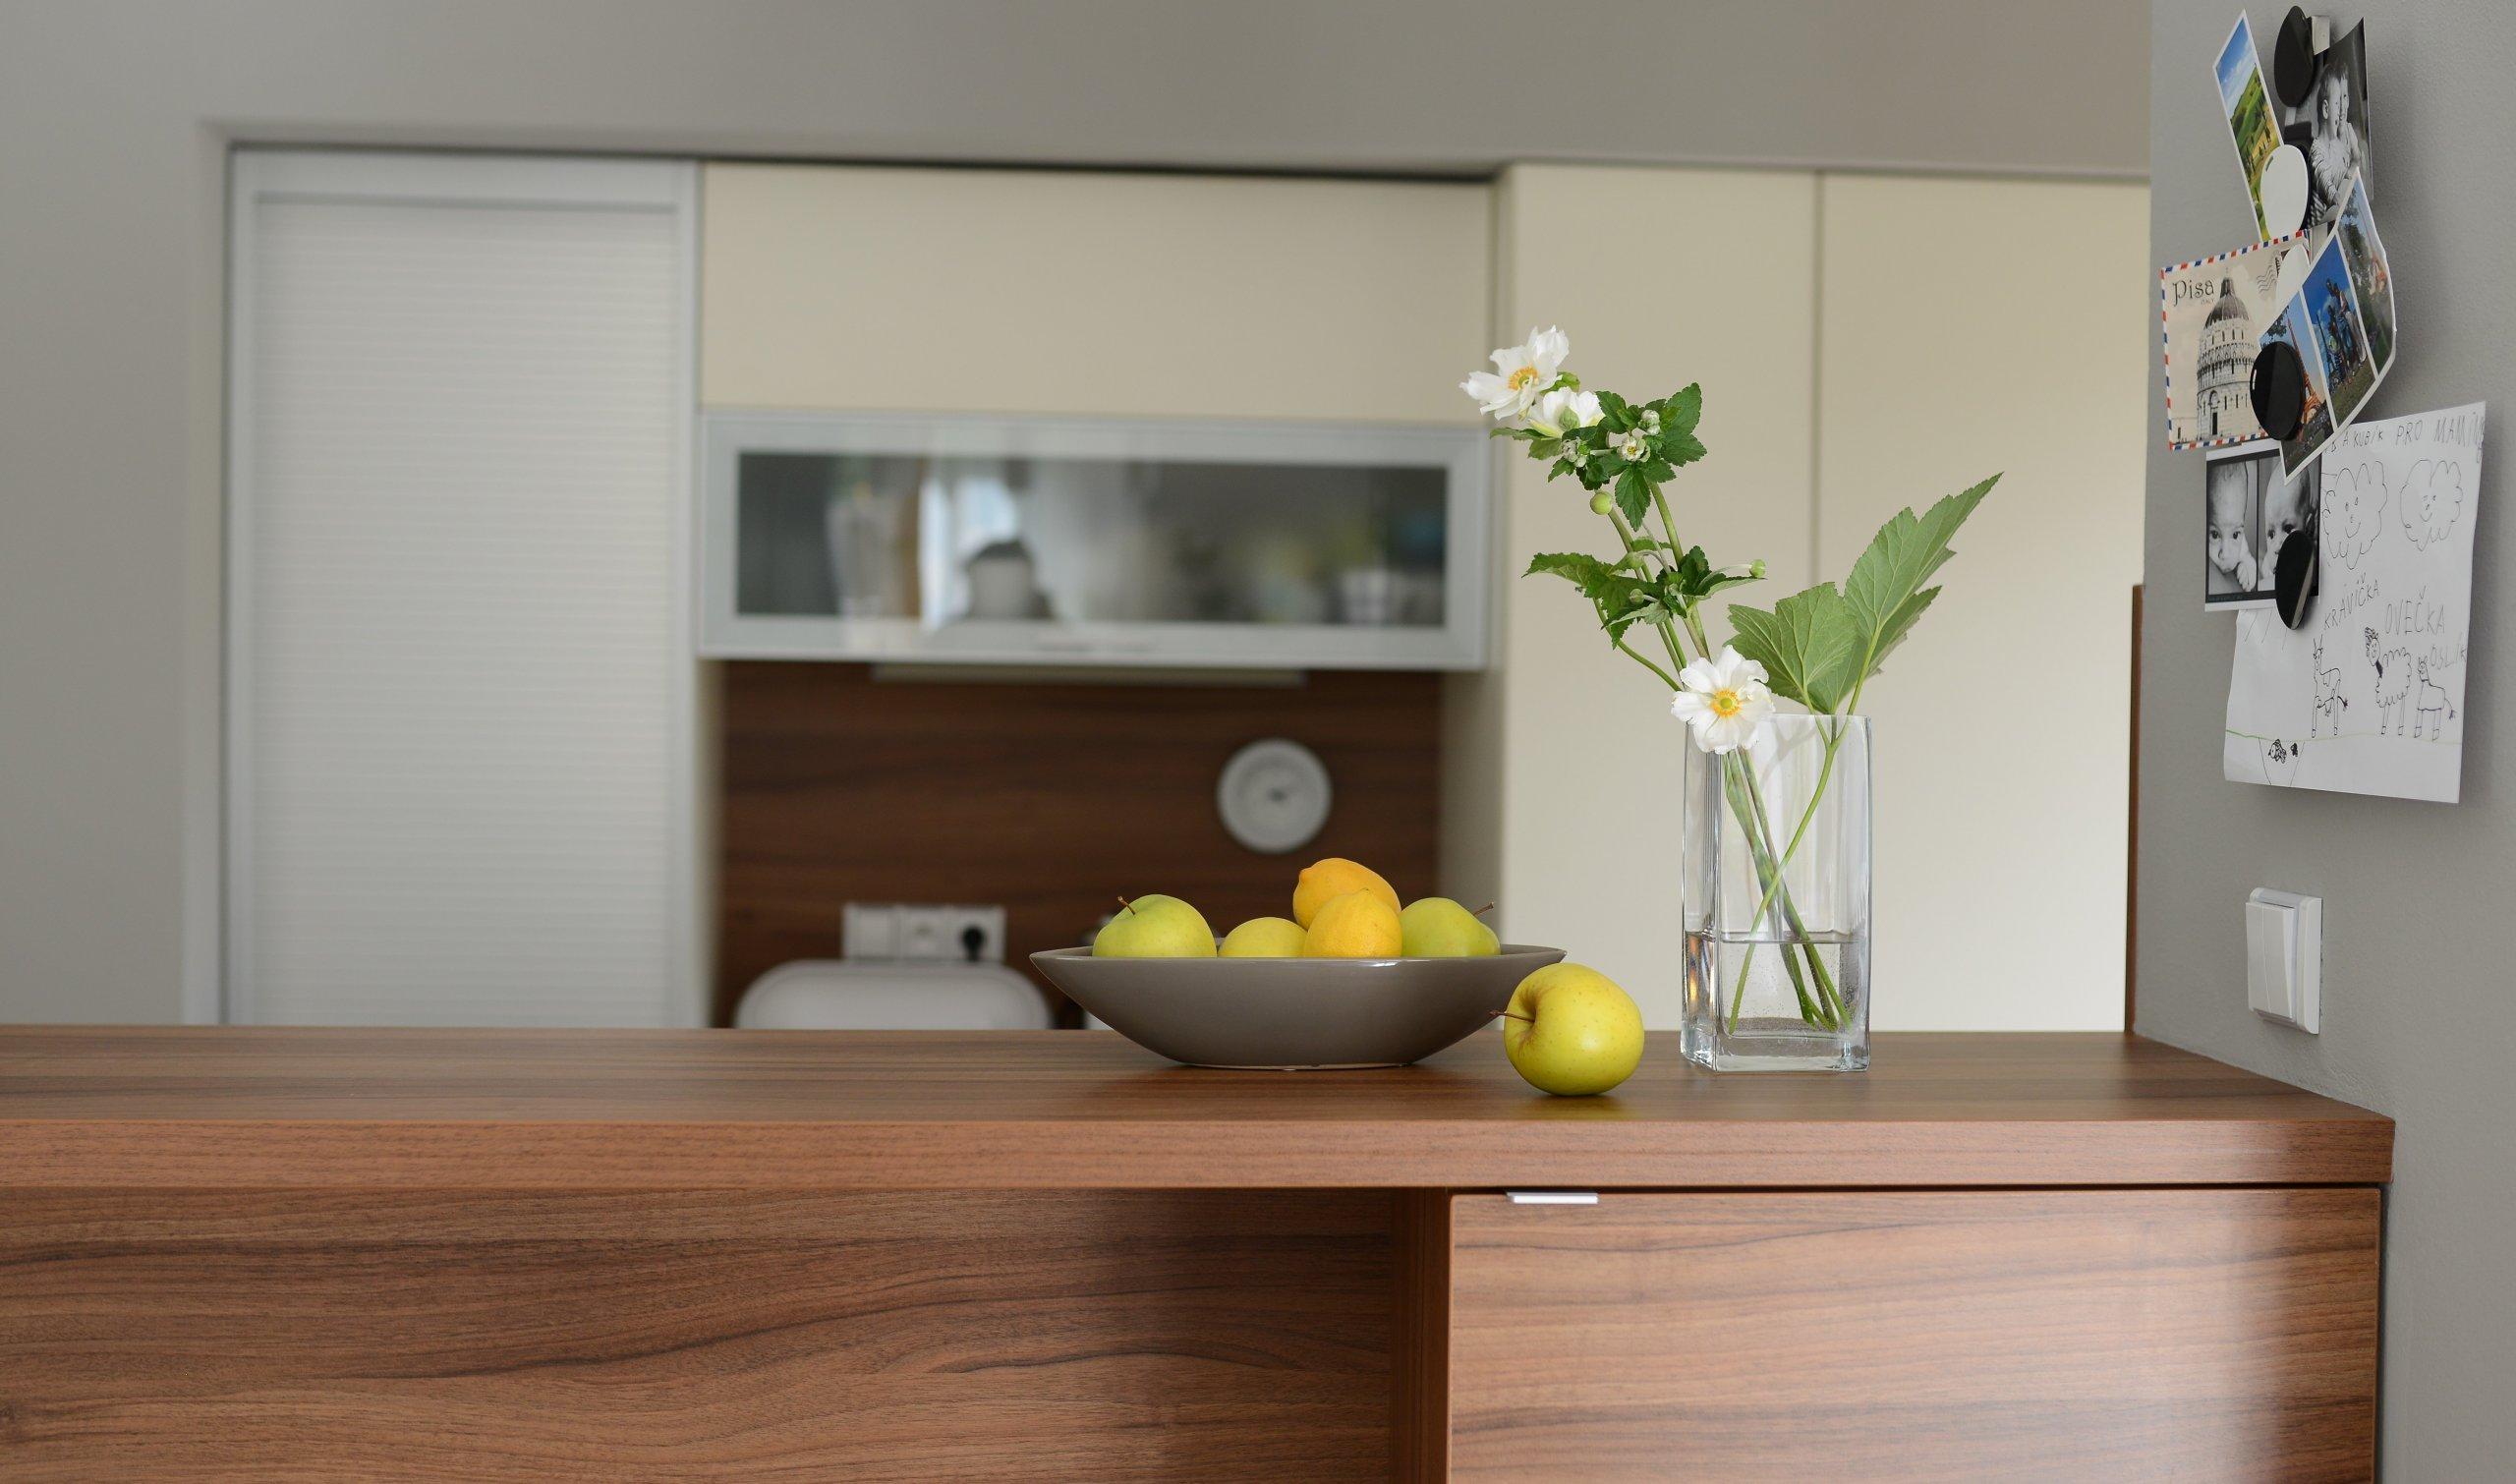 Obytný prostor s kuchyní